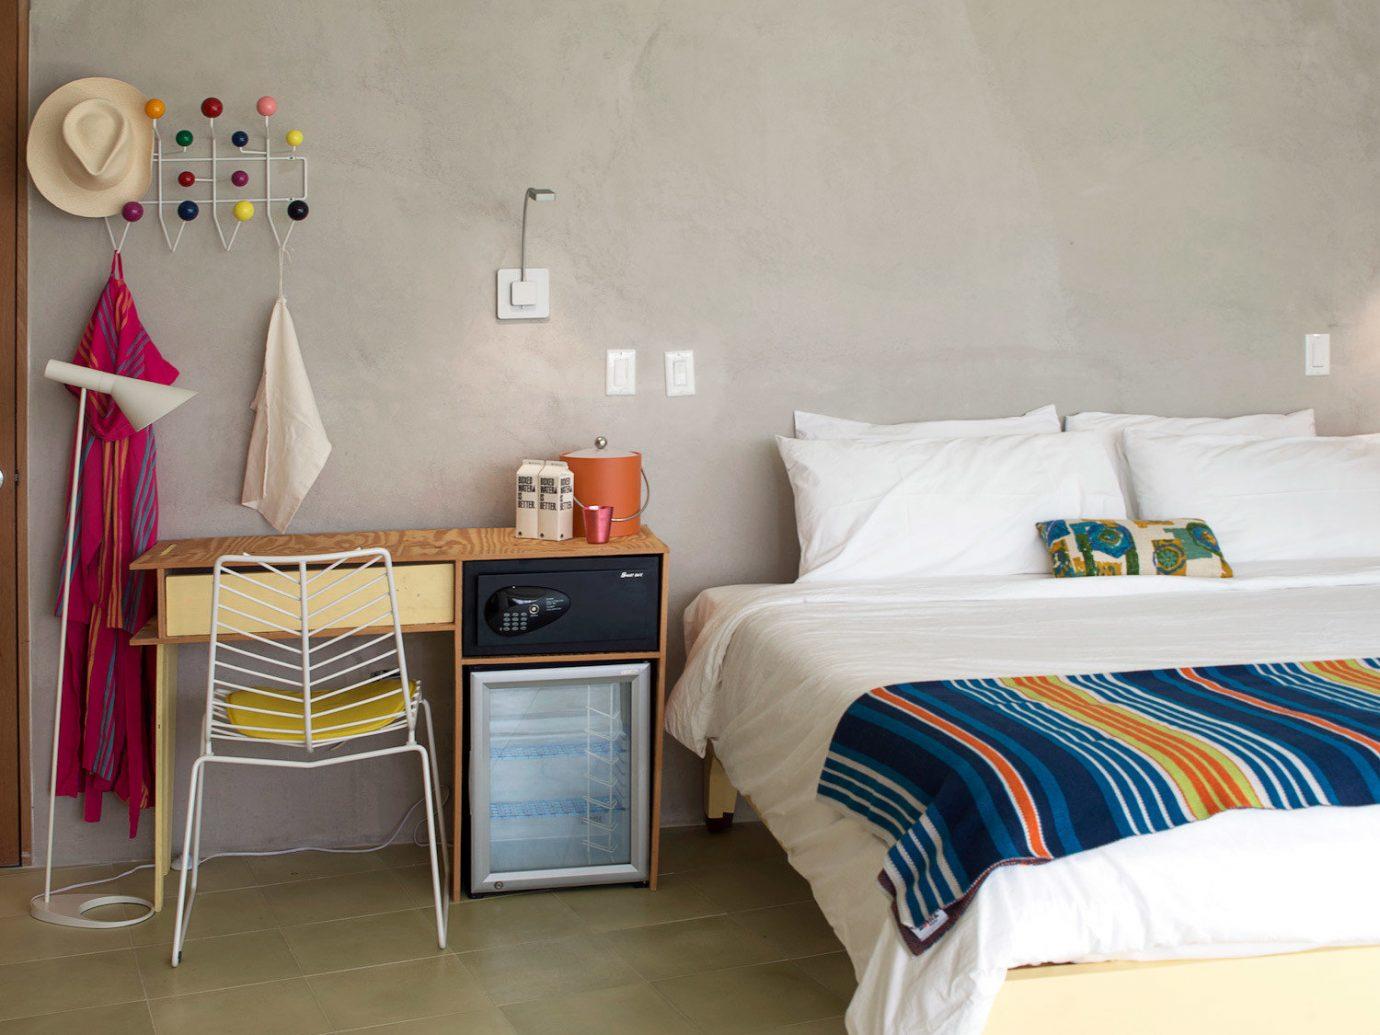 Bedroom Boutique Design Hip Hotels Modern floor indoor wall room bed property interior design home cottage furniture bed sheet living room Suite estate apartment tiled